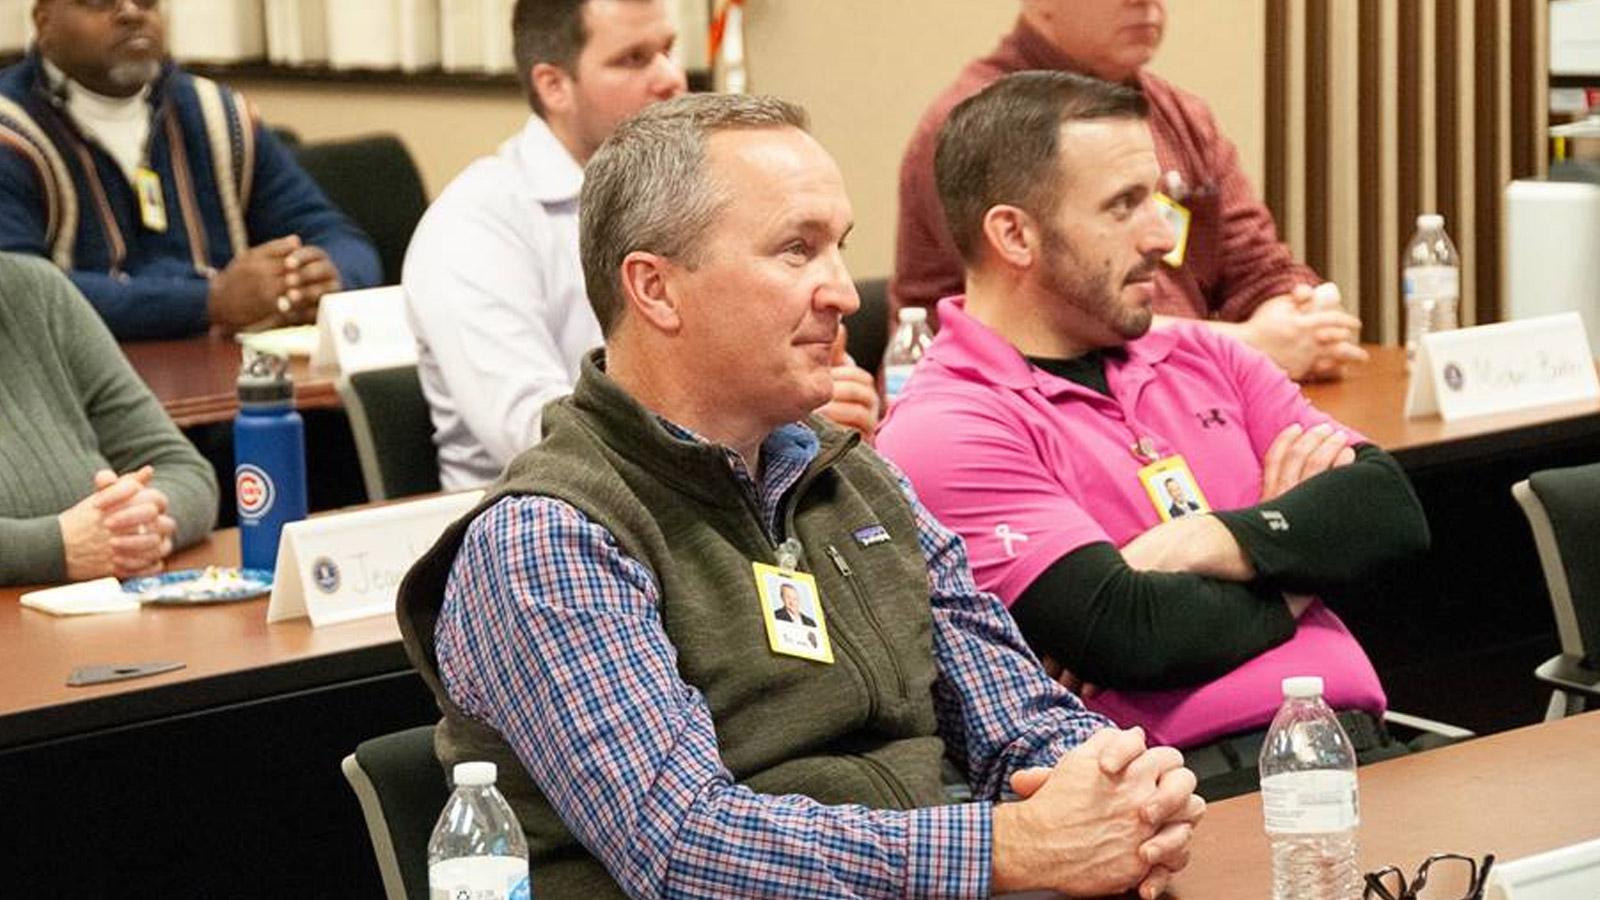 Matt Overbey at FBI Citizens Academy